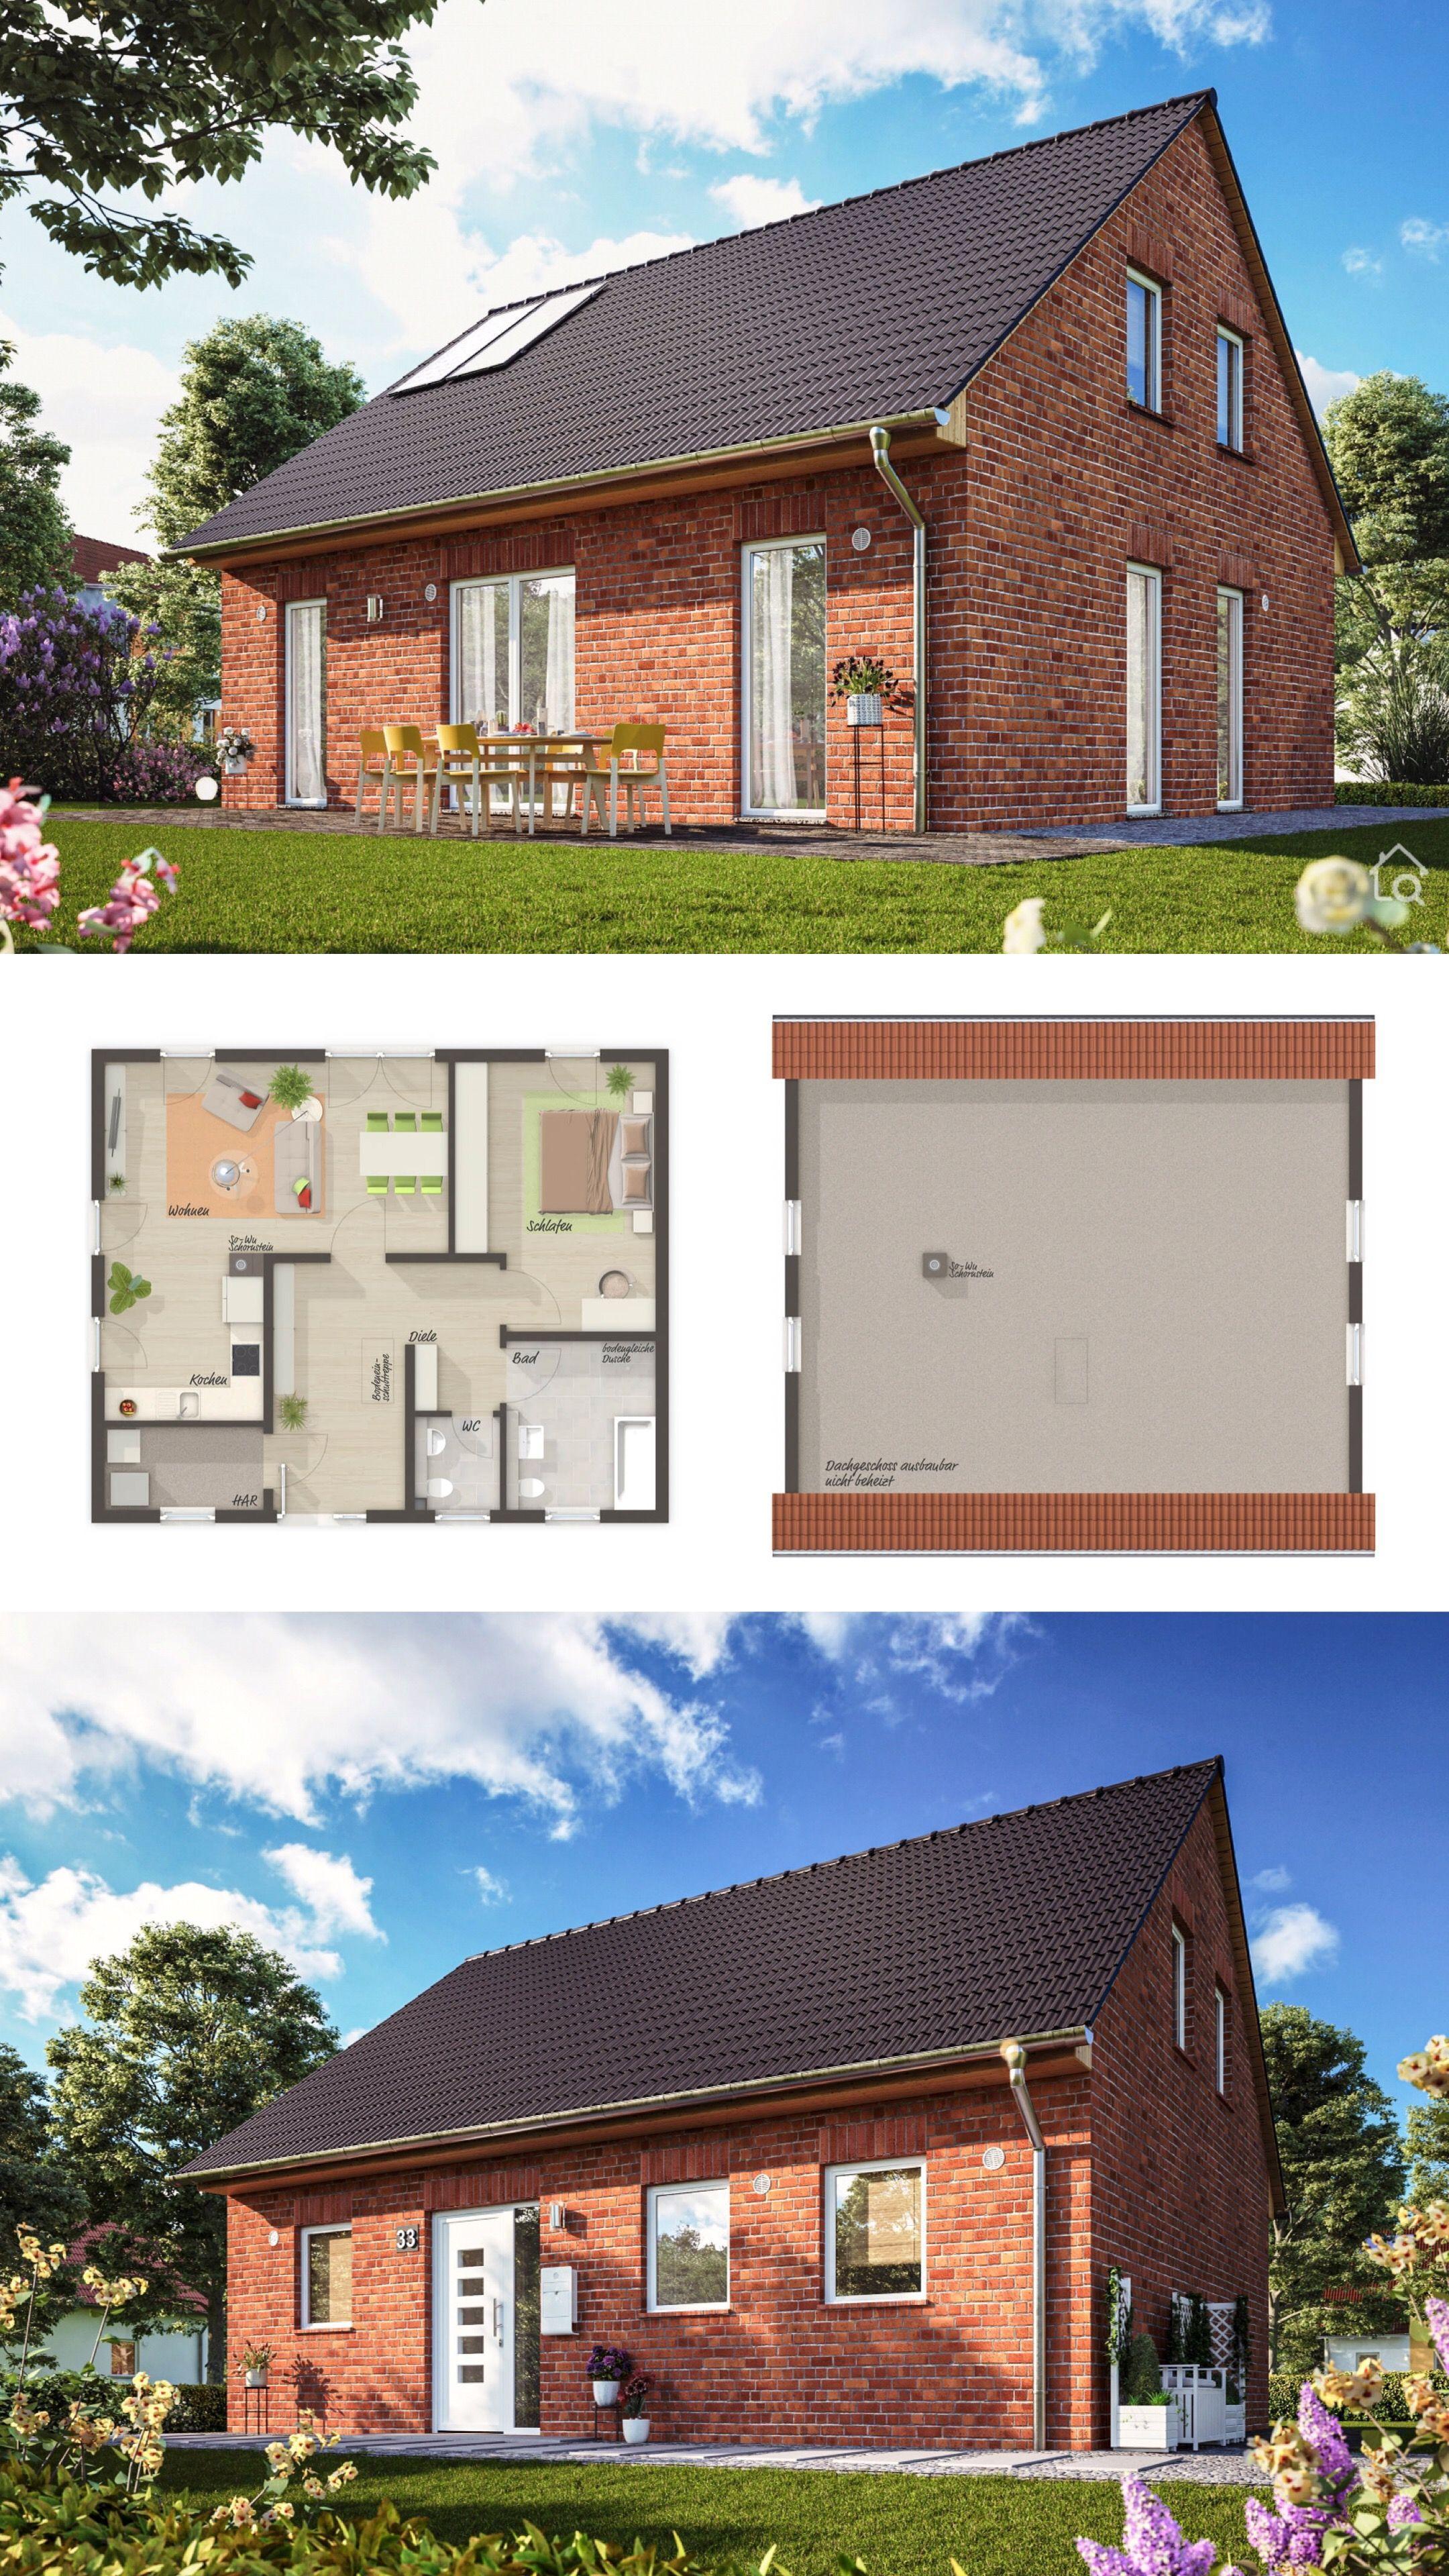 Modernes Massivhaus mit Satteldach & Klinker Fassade, 2